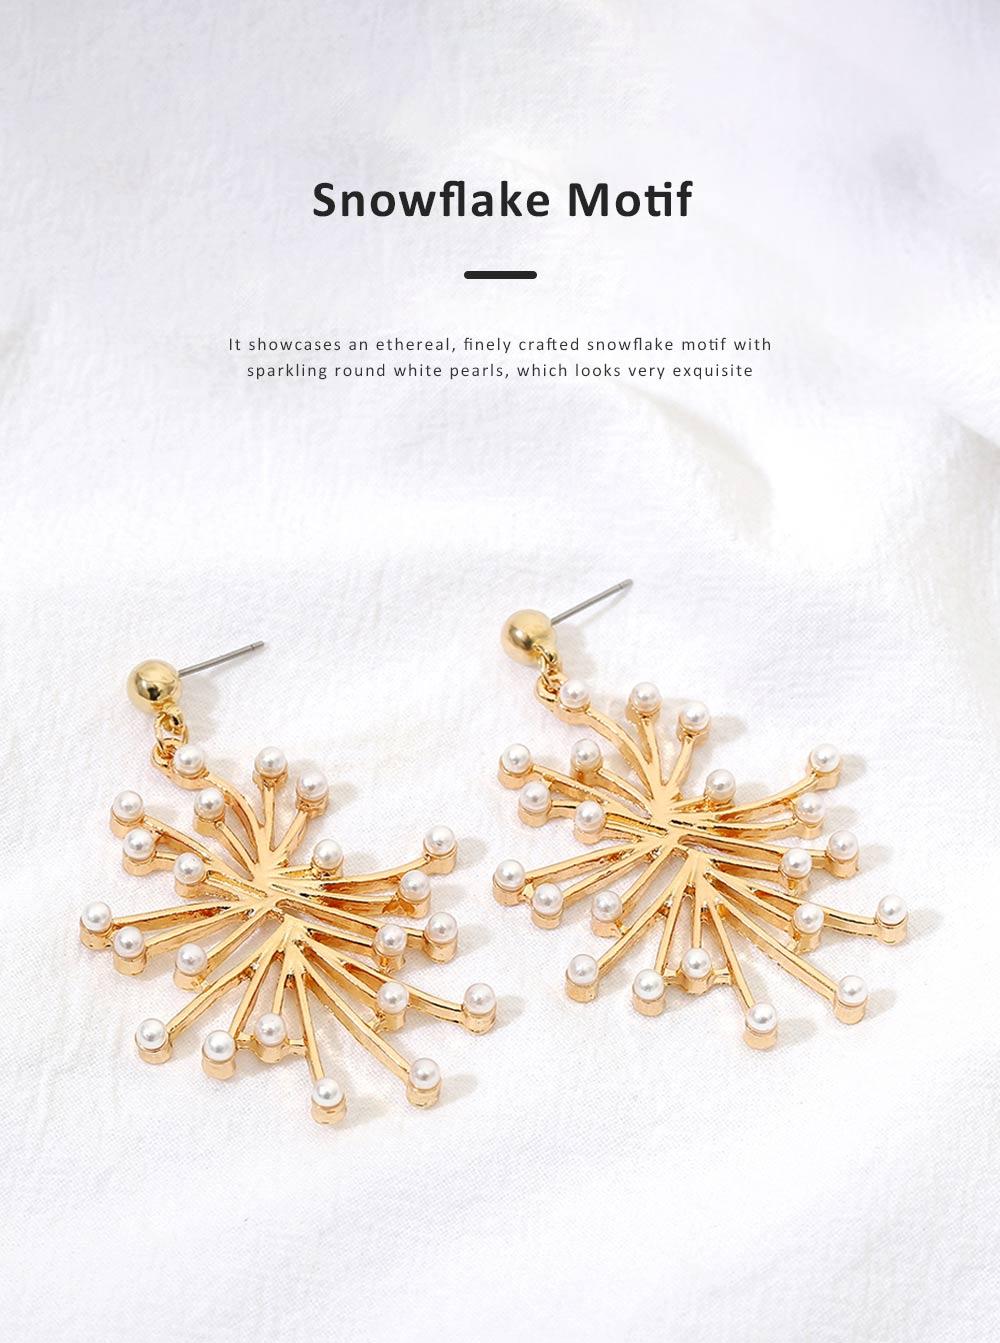 Trendy Alloy Snowflake Earrings Beautiful Ear Decoration Sparkling Stud Earring for Women Girls 3